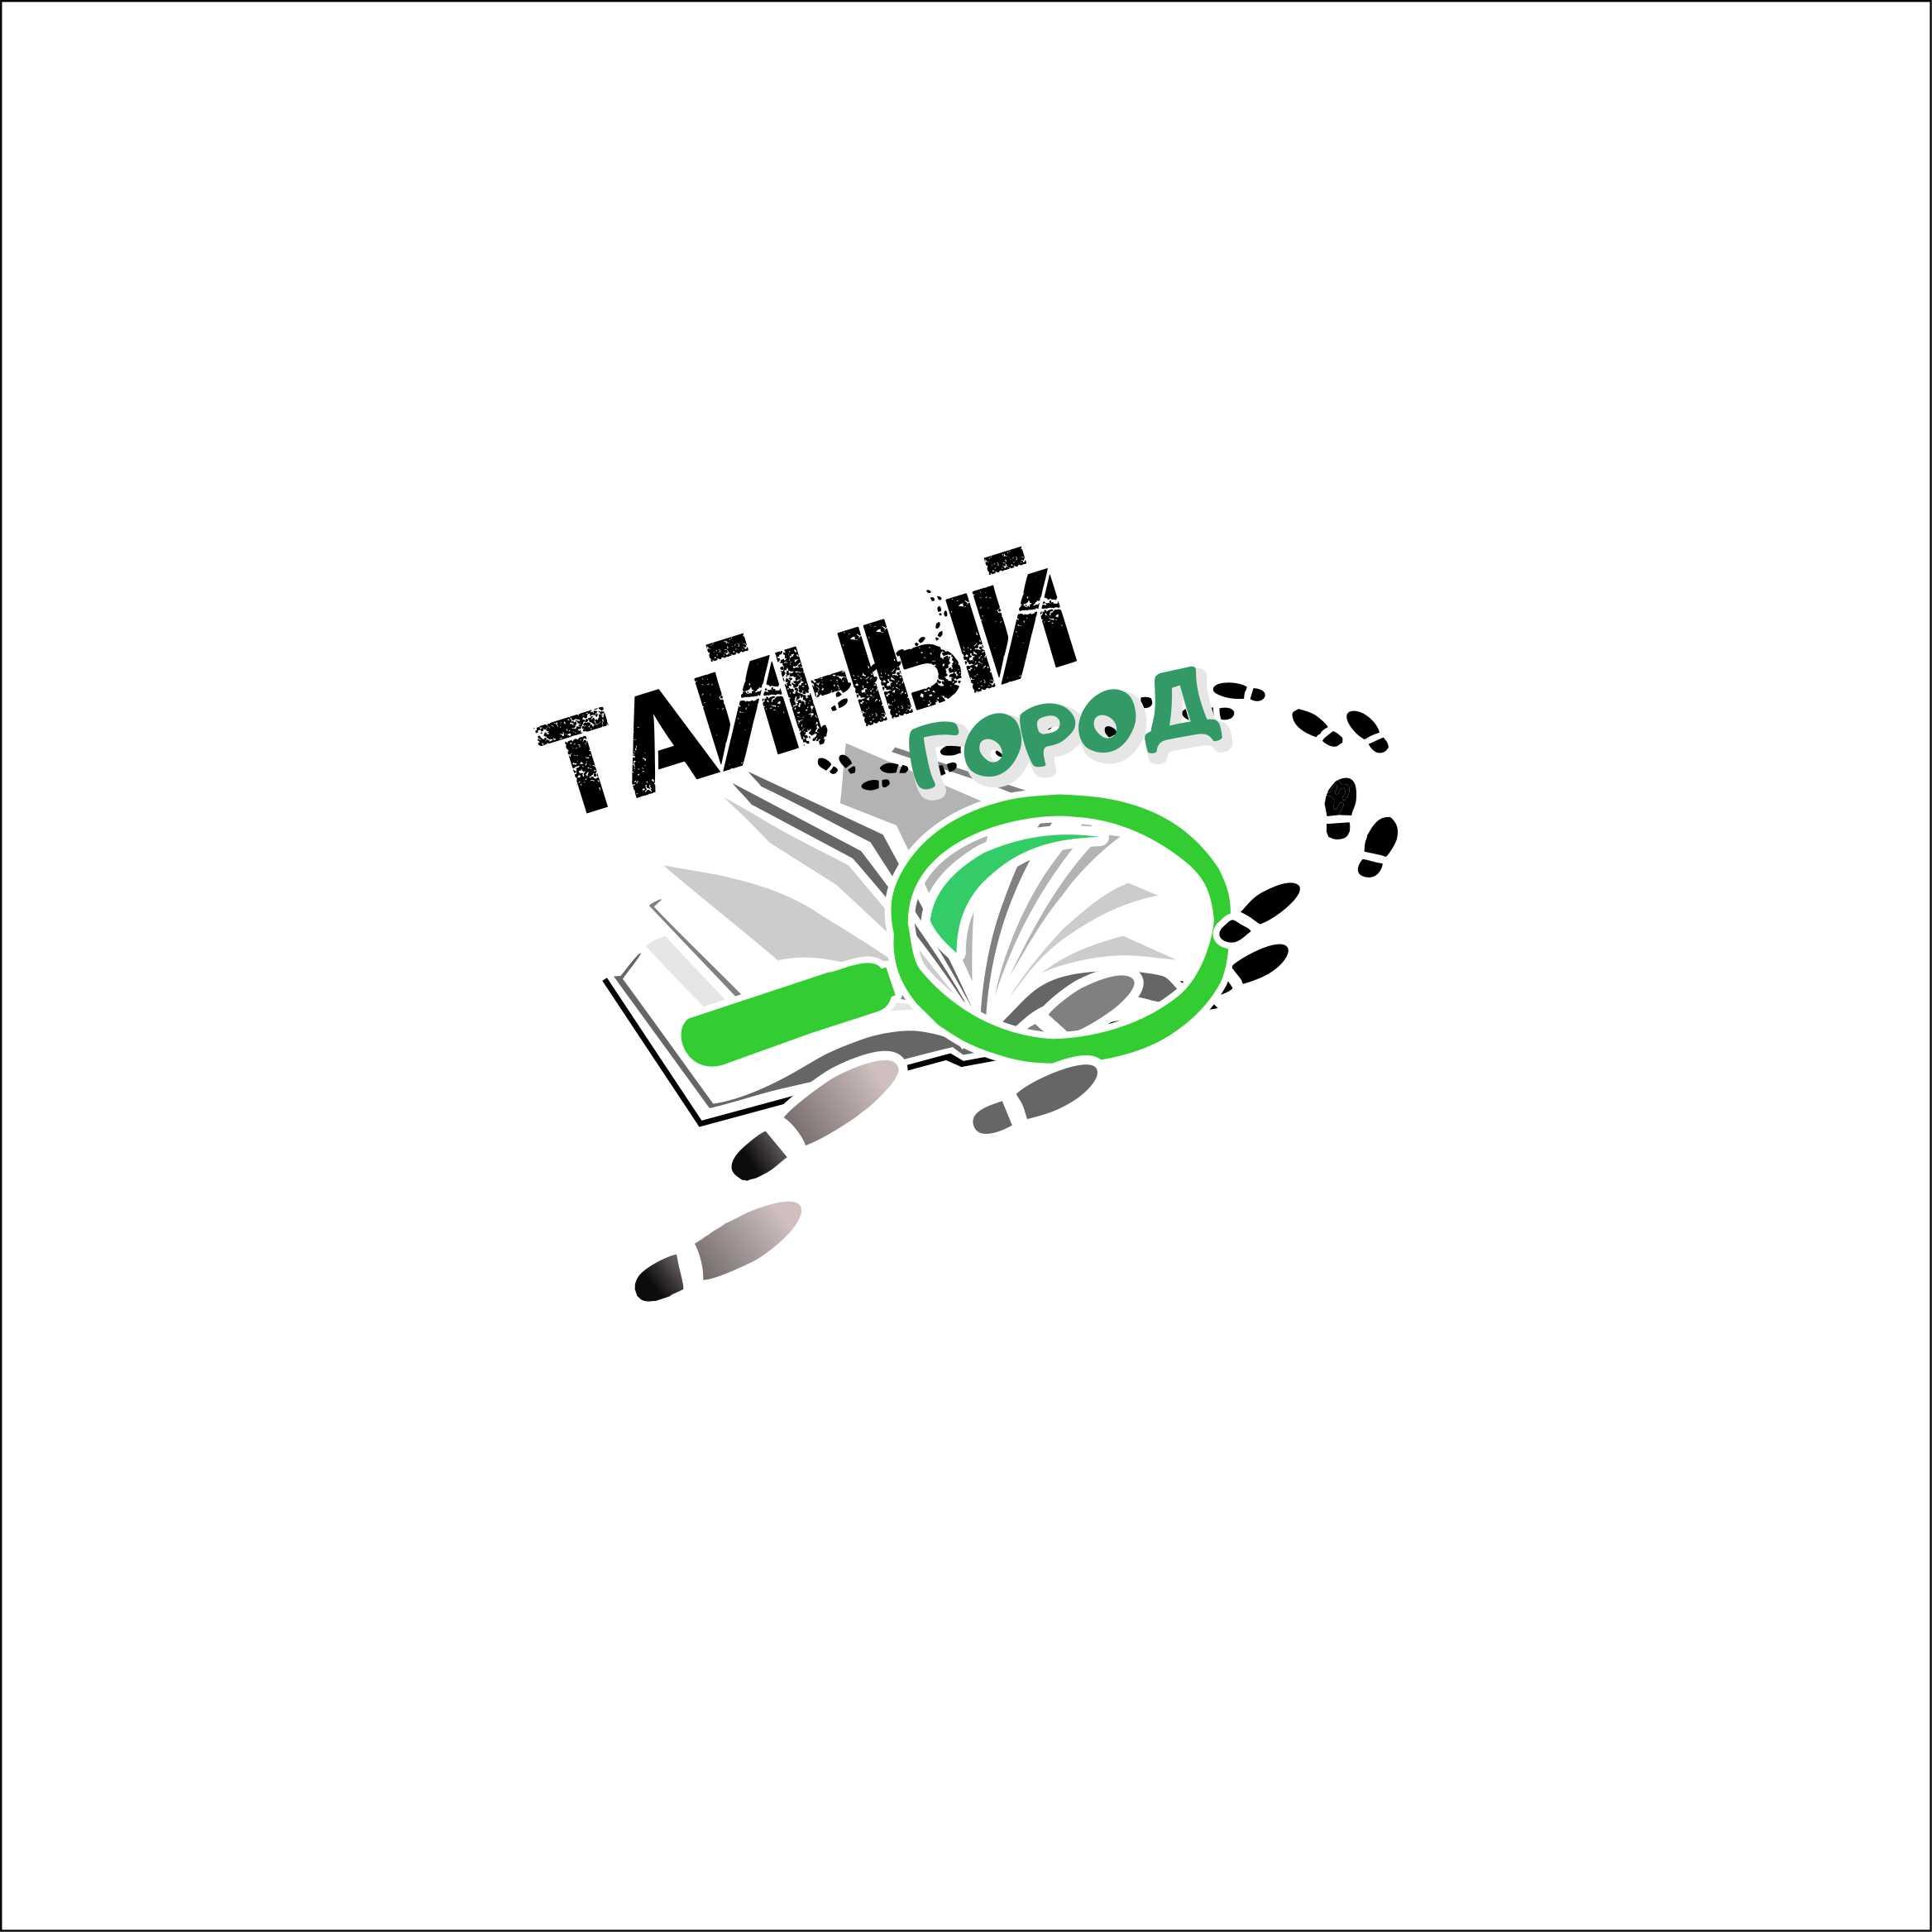 Разработка логотипа и шрифтов для Квеста  фото f_4285b463ff3f05f5.jpg